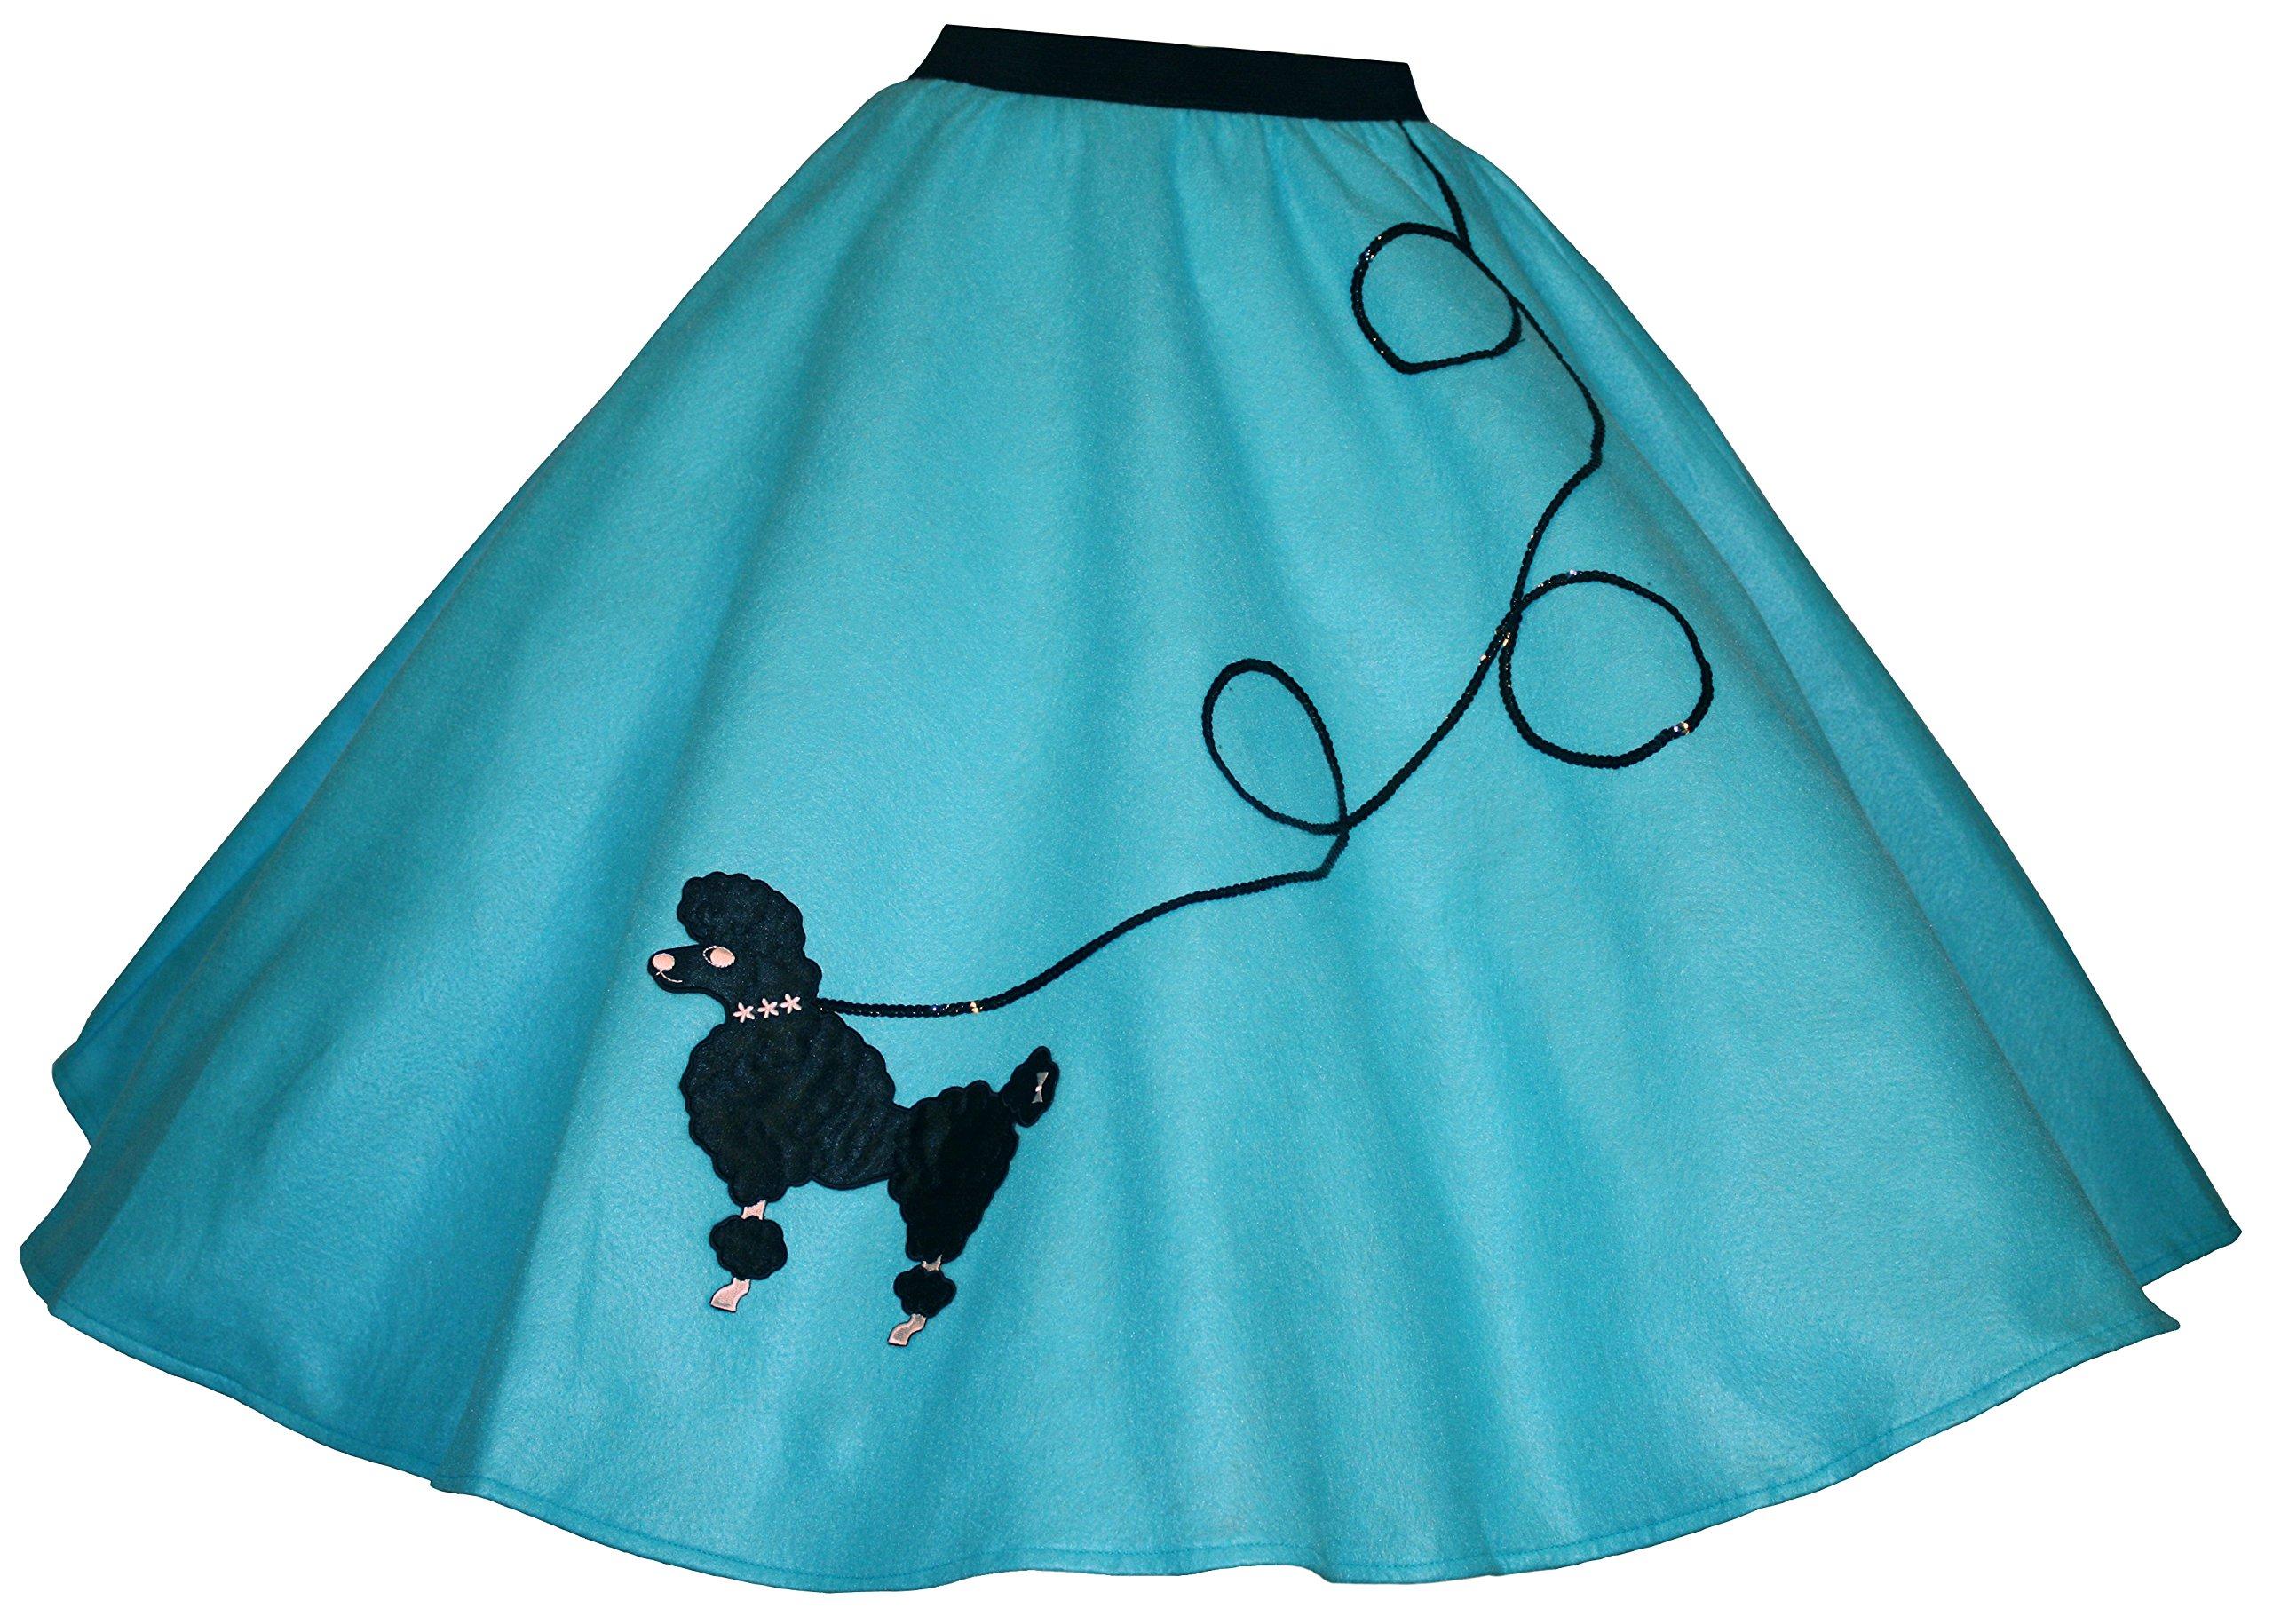 3 BIG NOTES - Adult FELT Poodle Skirt Size XL (40''- 50'') Aqua Blue